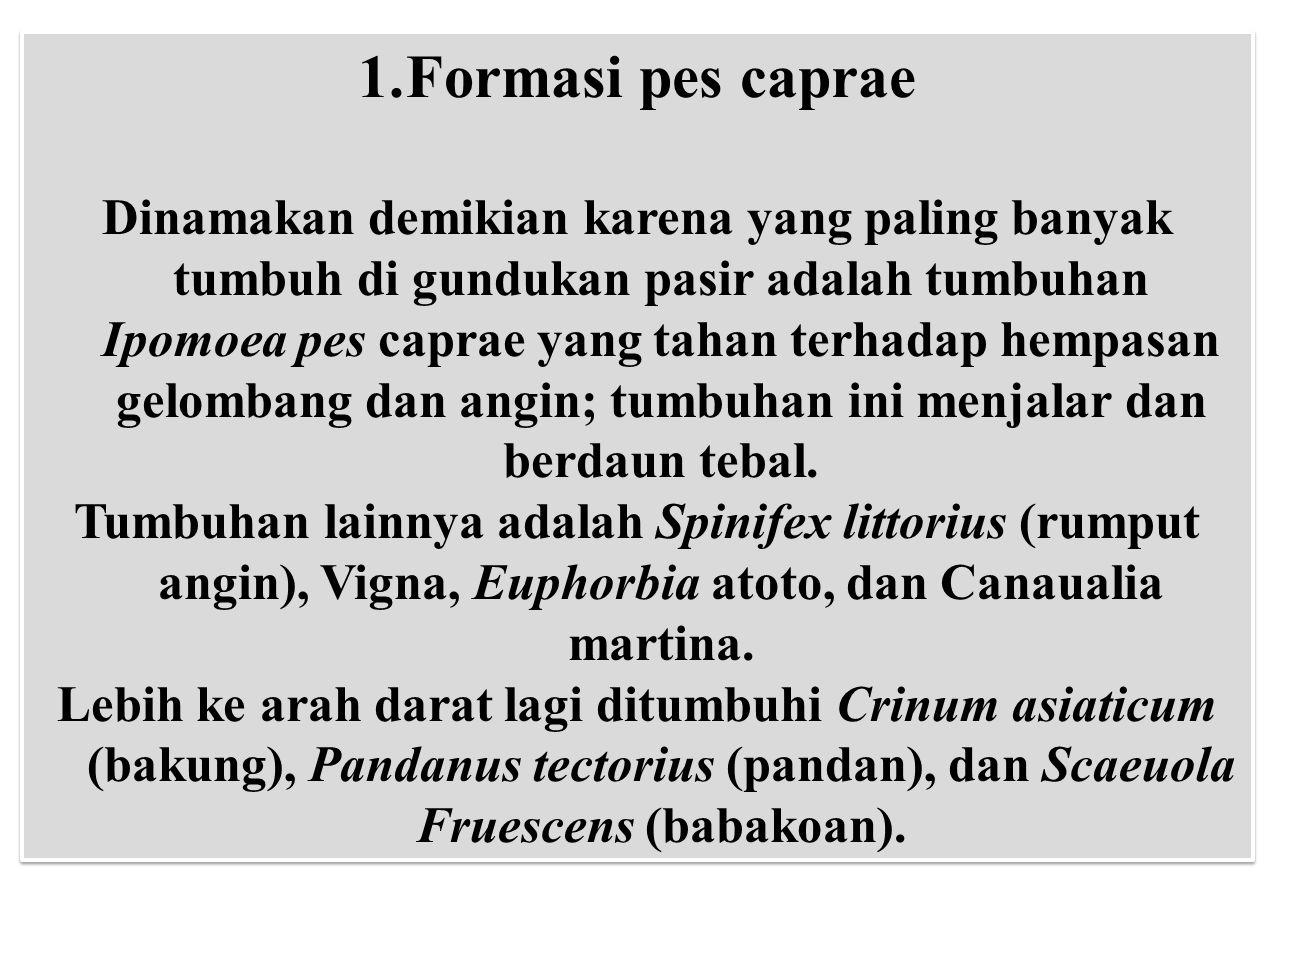 1.Formasi pes caprae Dinamakan demikian karena yang paling banyak tumbuh di gundukan pasir adalah tumbuhan Ipomoea pes caprae yang tahan terhadap hemp